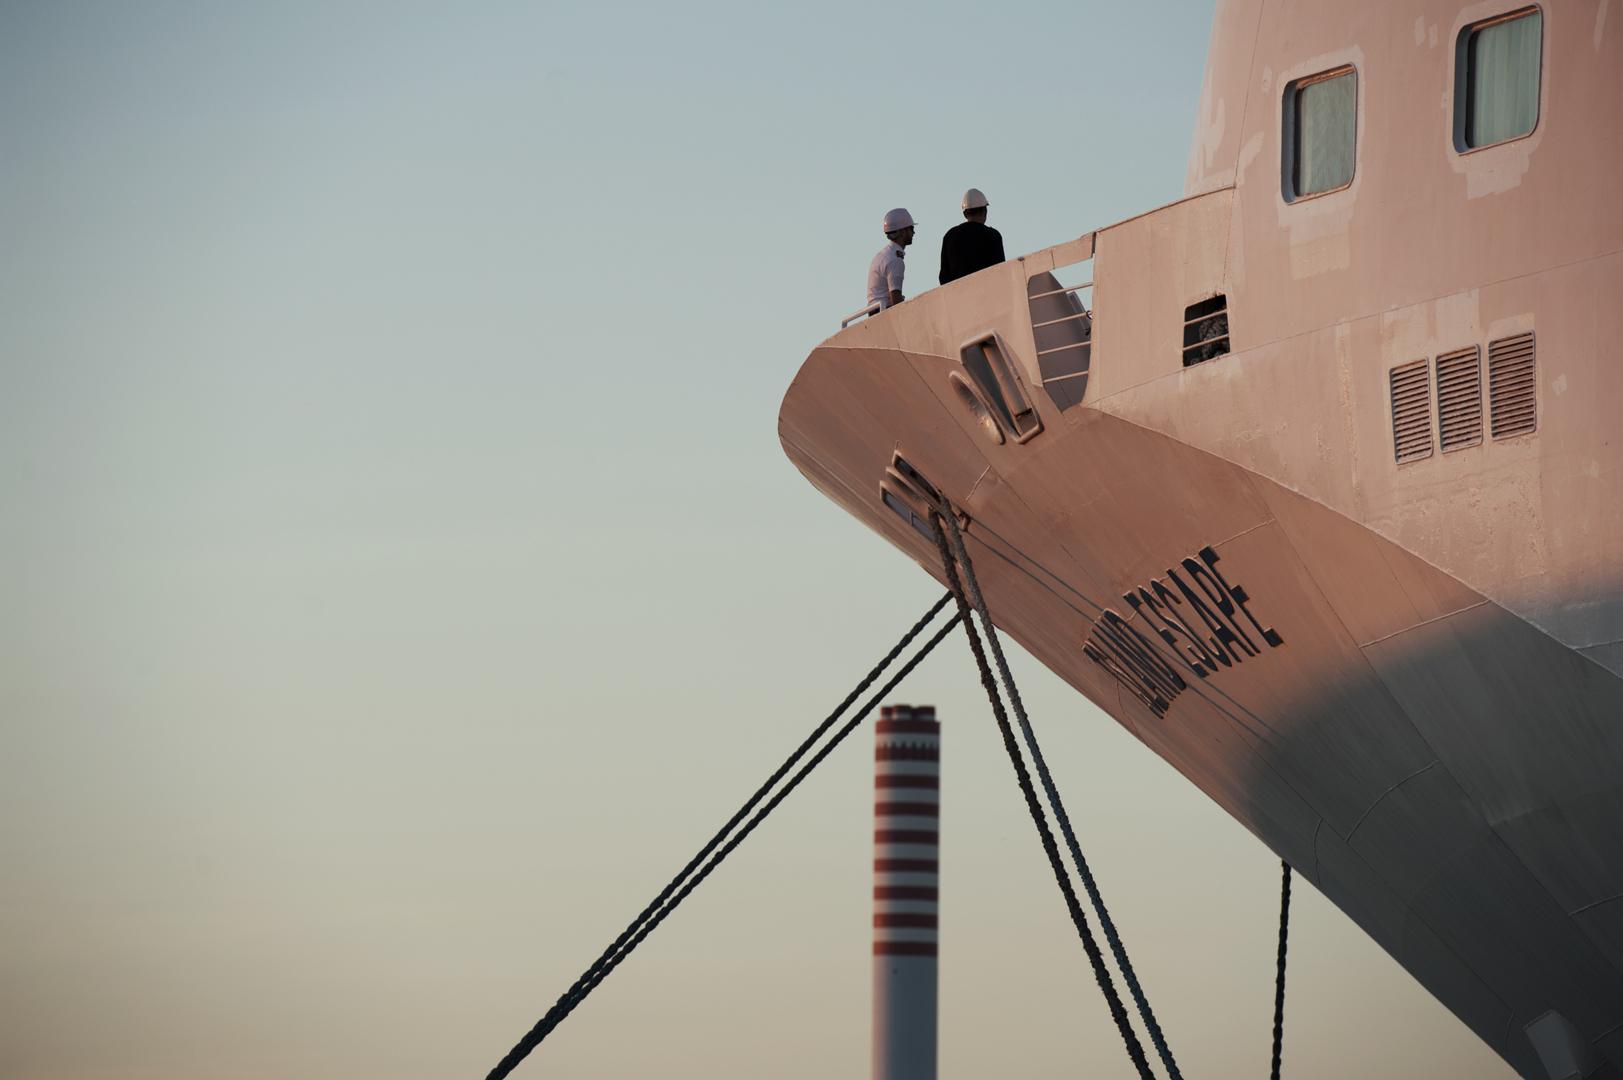 La nave da crociera Island Escape in sosta nel porto di Civitavecchia, Settembre 2014. Ospita fino a 1750 passeggeri e circa 600 membri di equipaggio e personale di bordo. (Patrizia Pace)